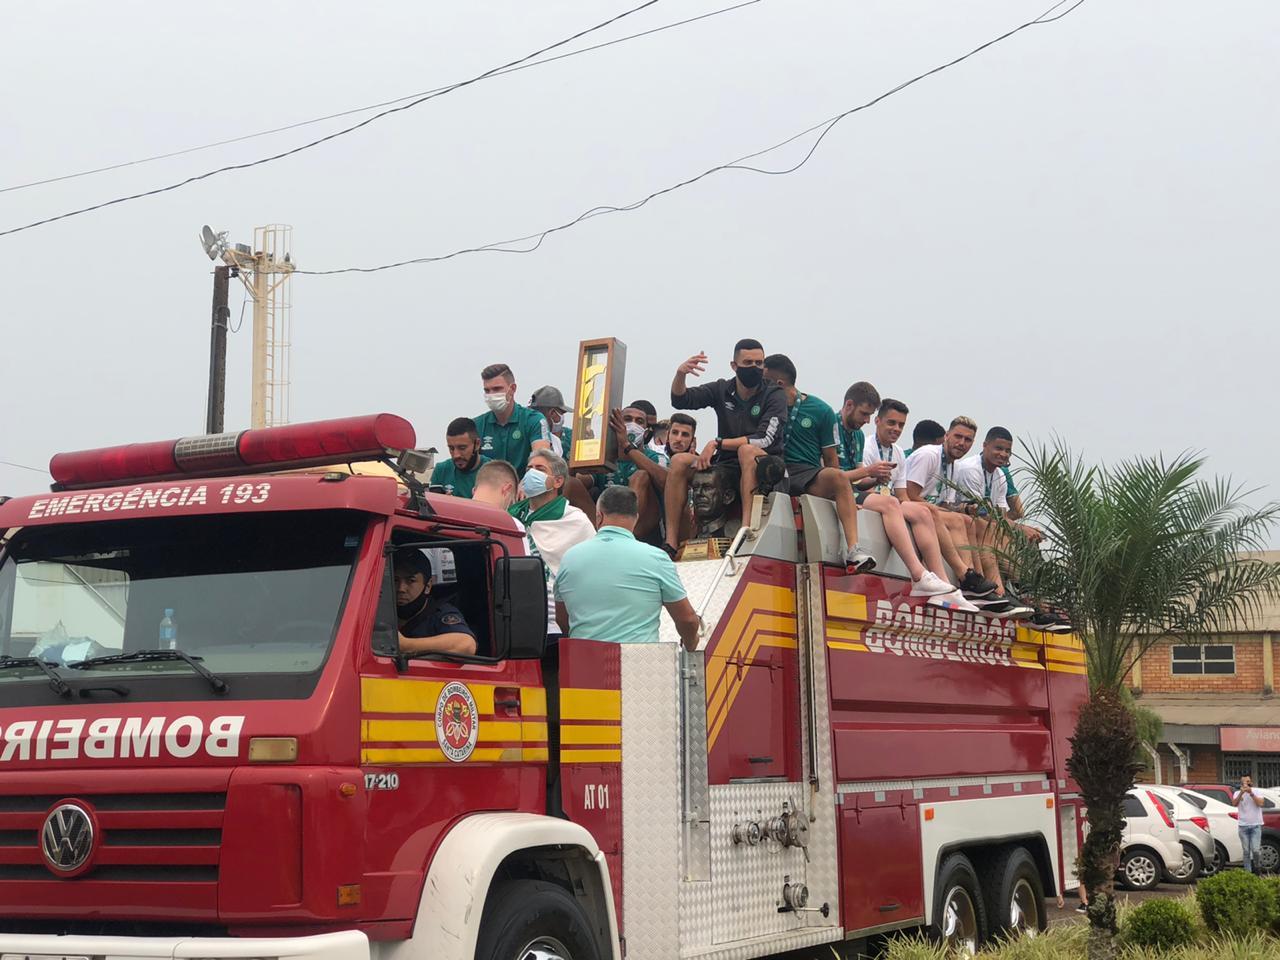 Taça do heptacampeonato é levada pelos jogadores em cima do caminhão do Corpo de Bombeiros - Willian Ricardo/ND